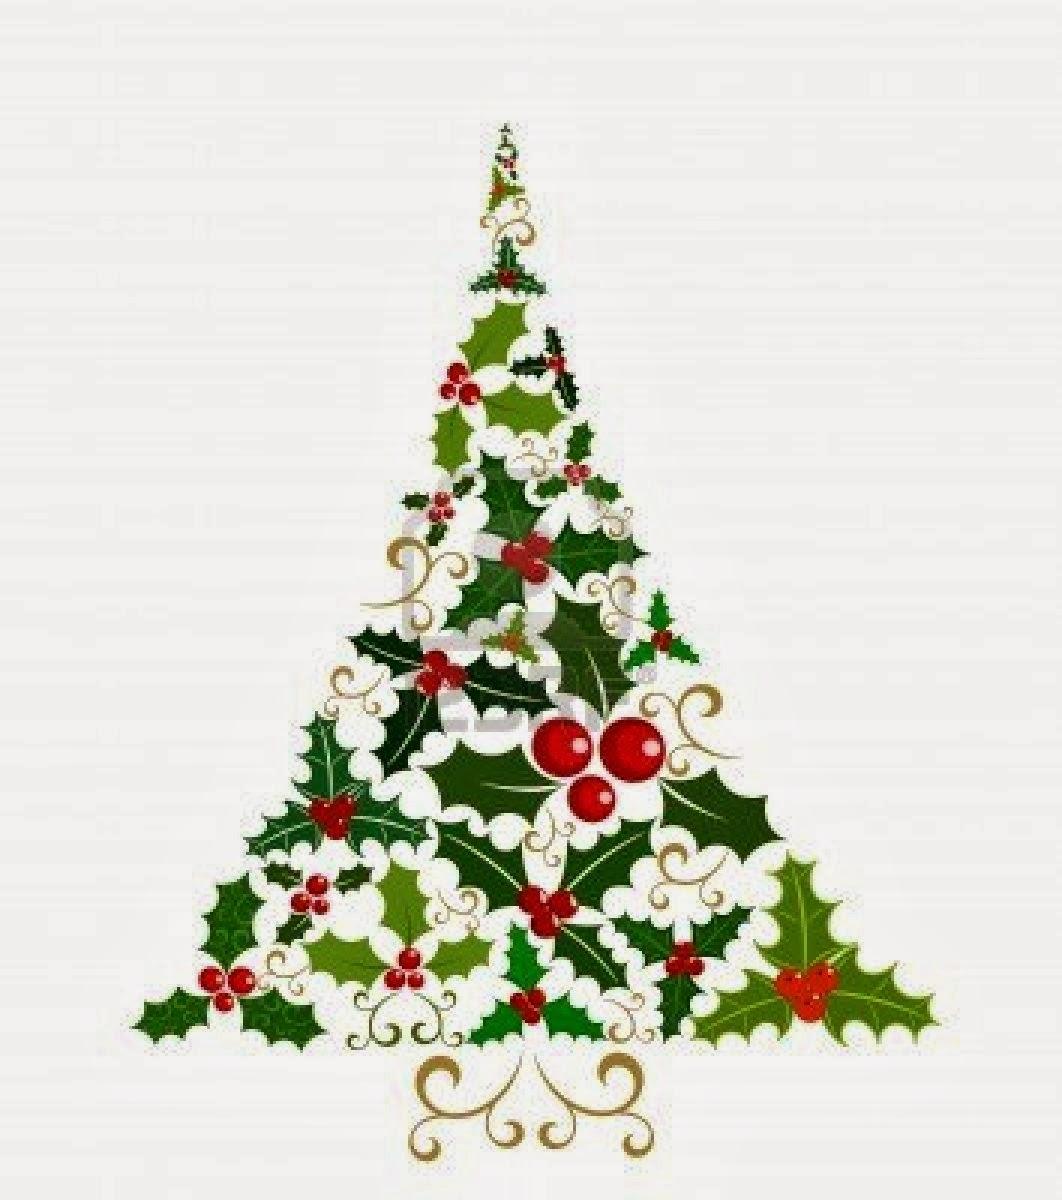 Banco de imagenes y fotos gratis arbol de navidad - Originales arboles de navidad ...